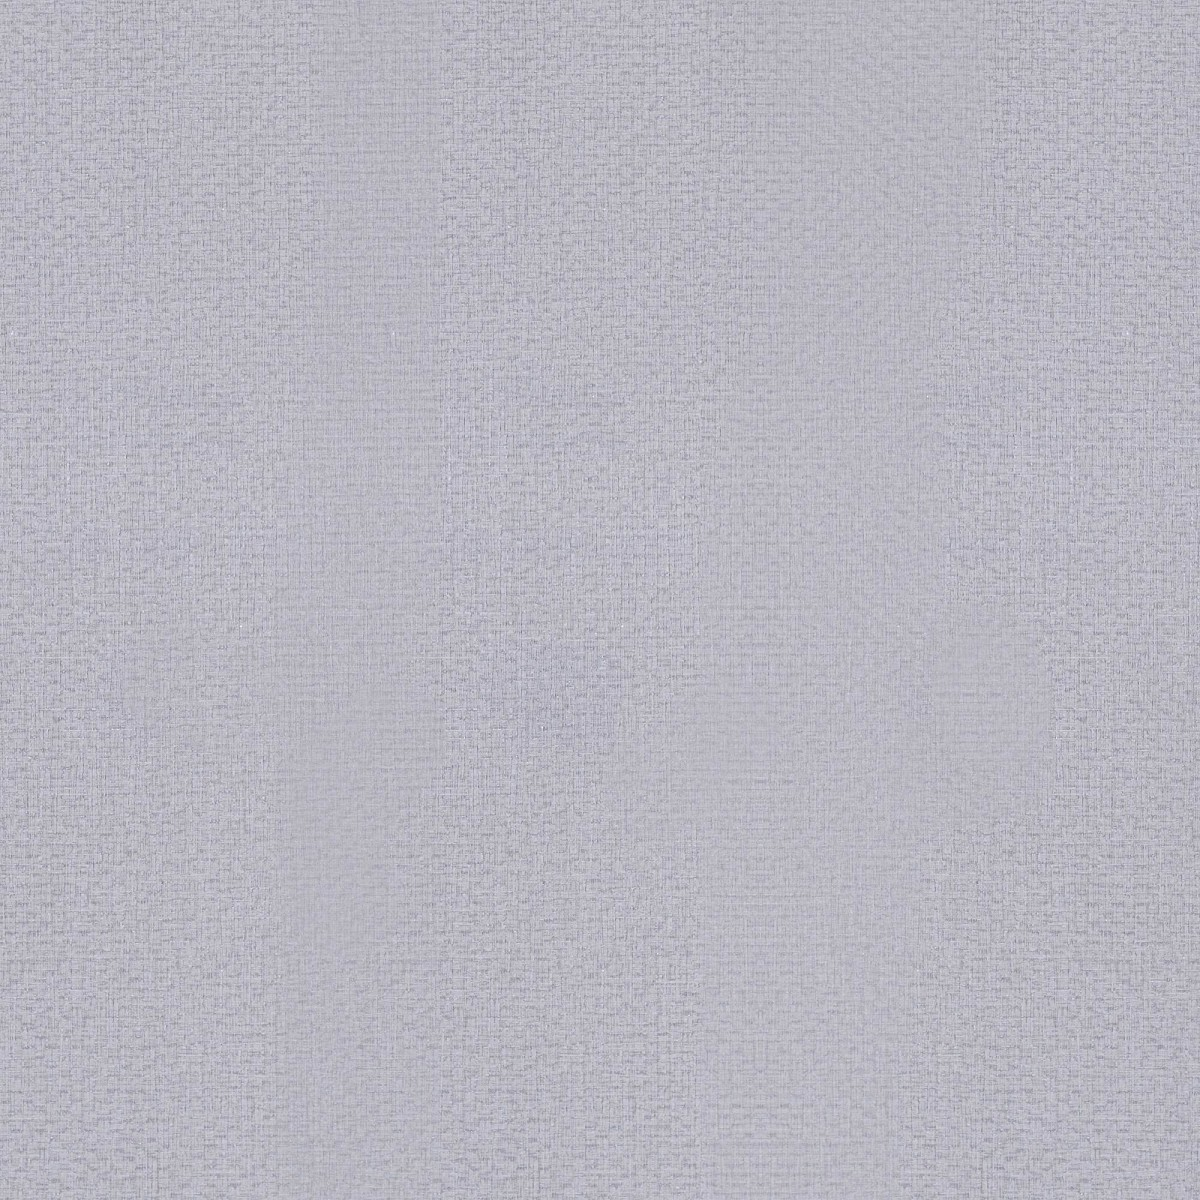 Обои флизелиновые G&#39Boya Ethnics серые 1.06 м 280245